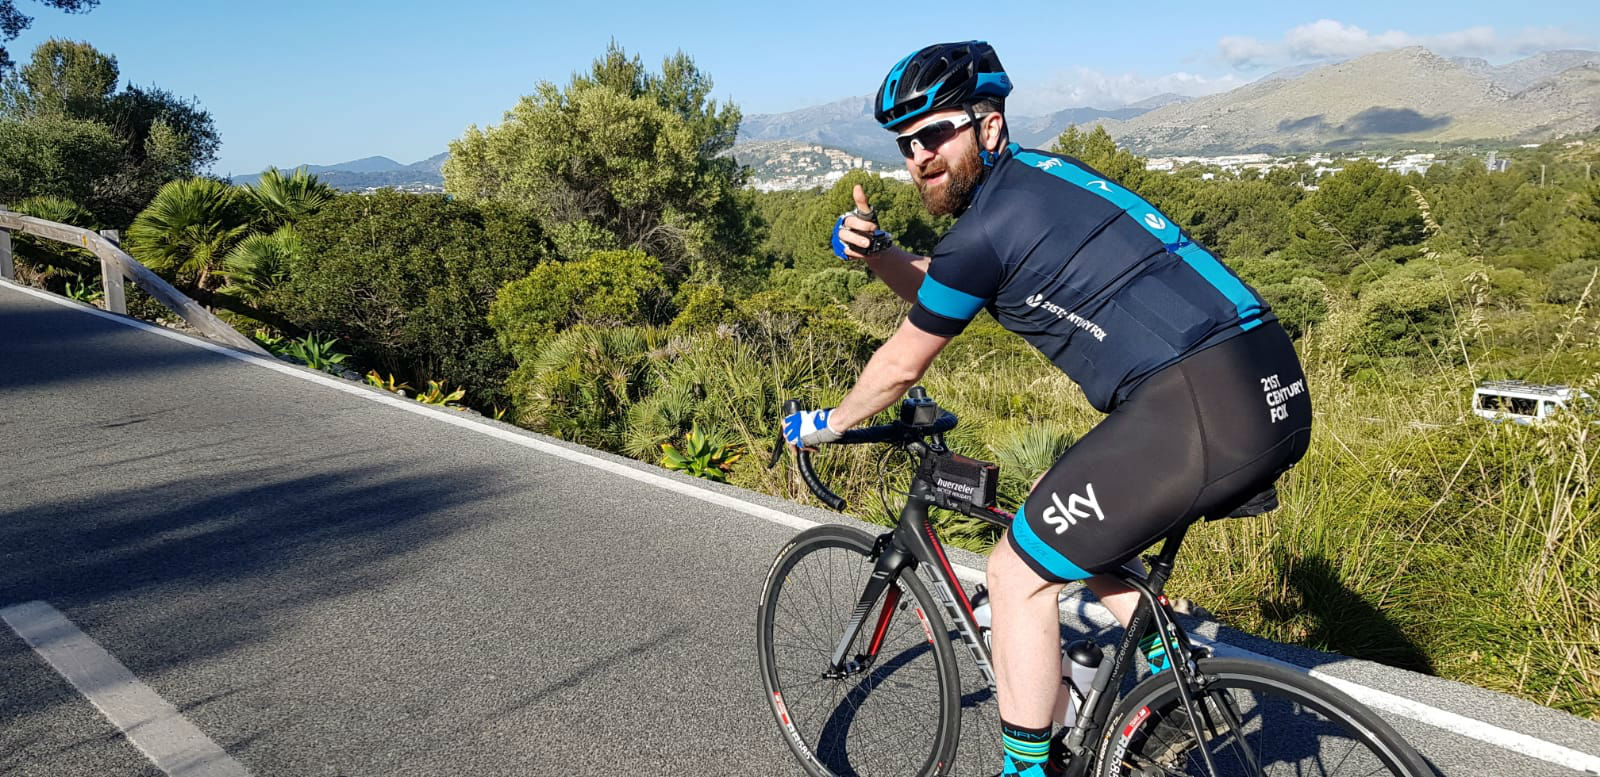 cap-de-formentor-bike-cycling-route-42